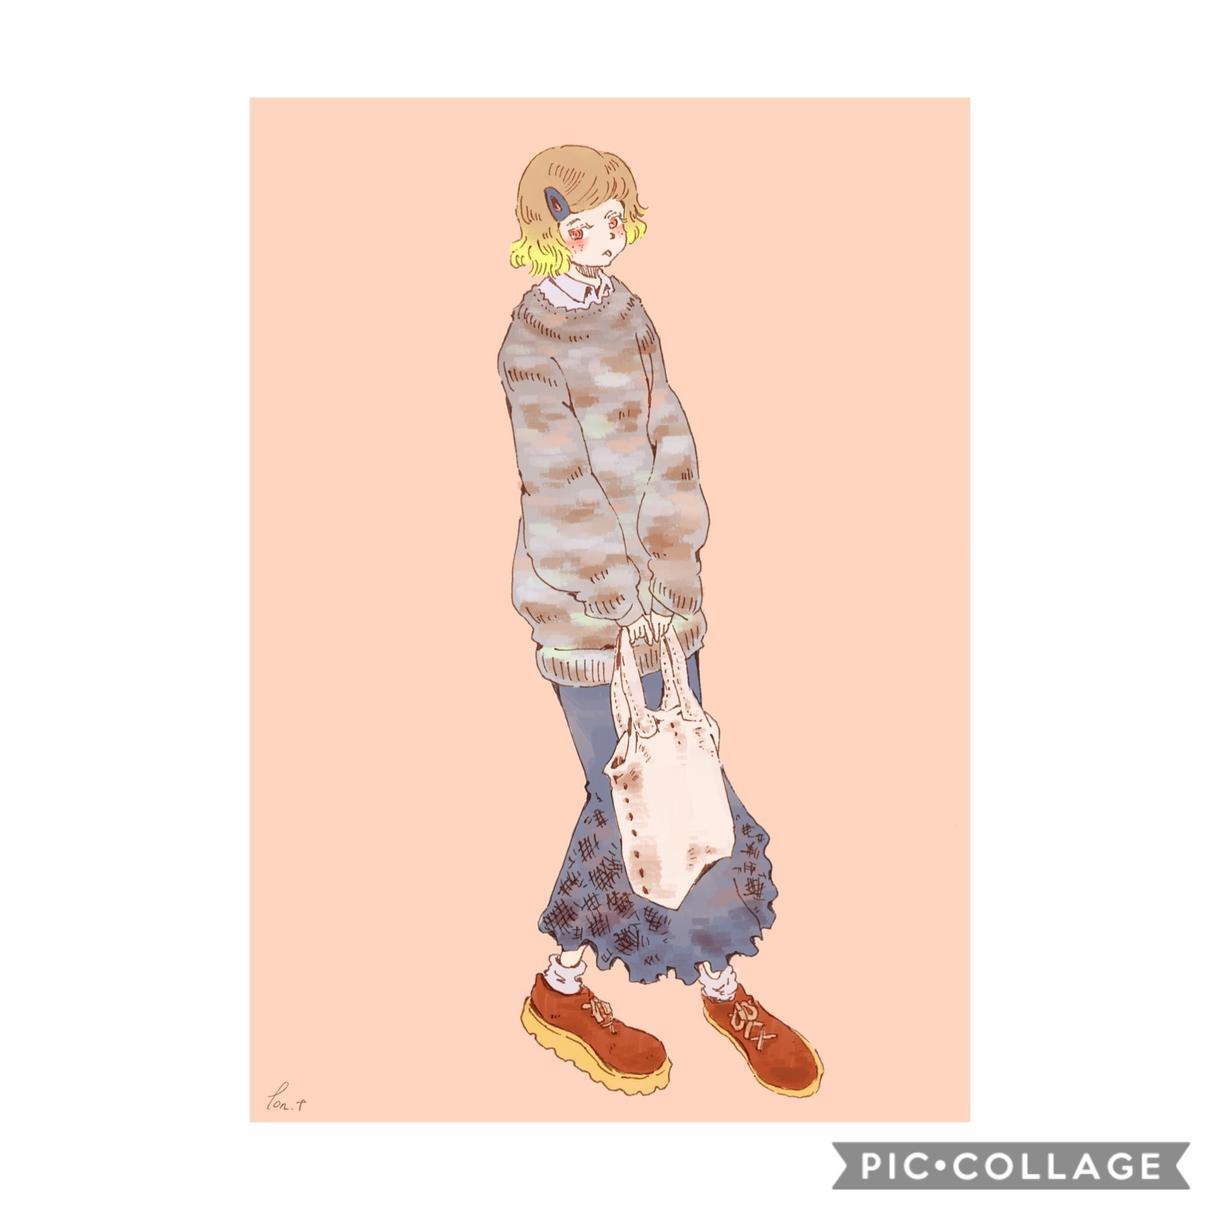 SNSアイコン イラスト 似顔絵 描きます ❁ゆるふわ・オシャレ可愛いイラストが得意です❁ イメージ1